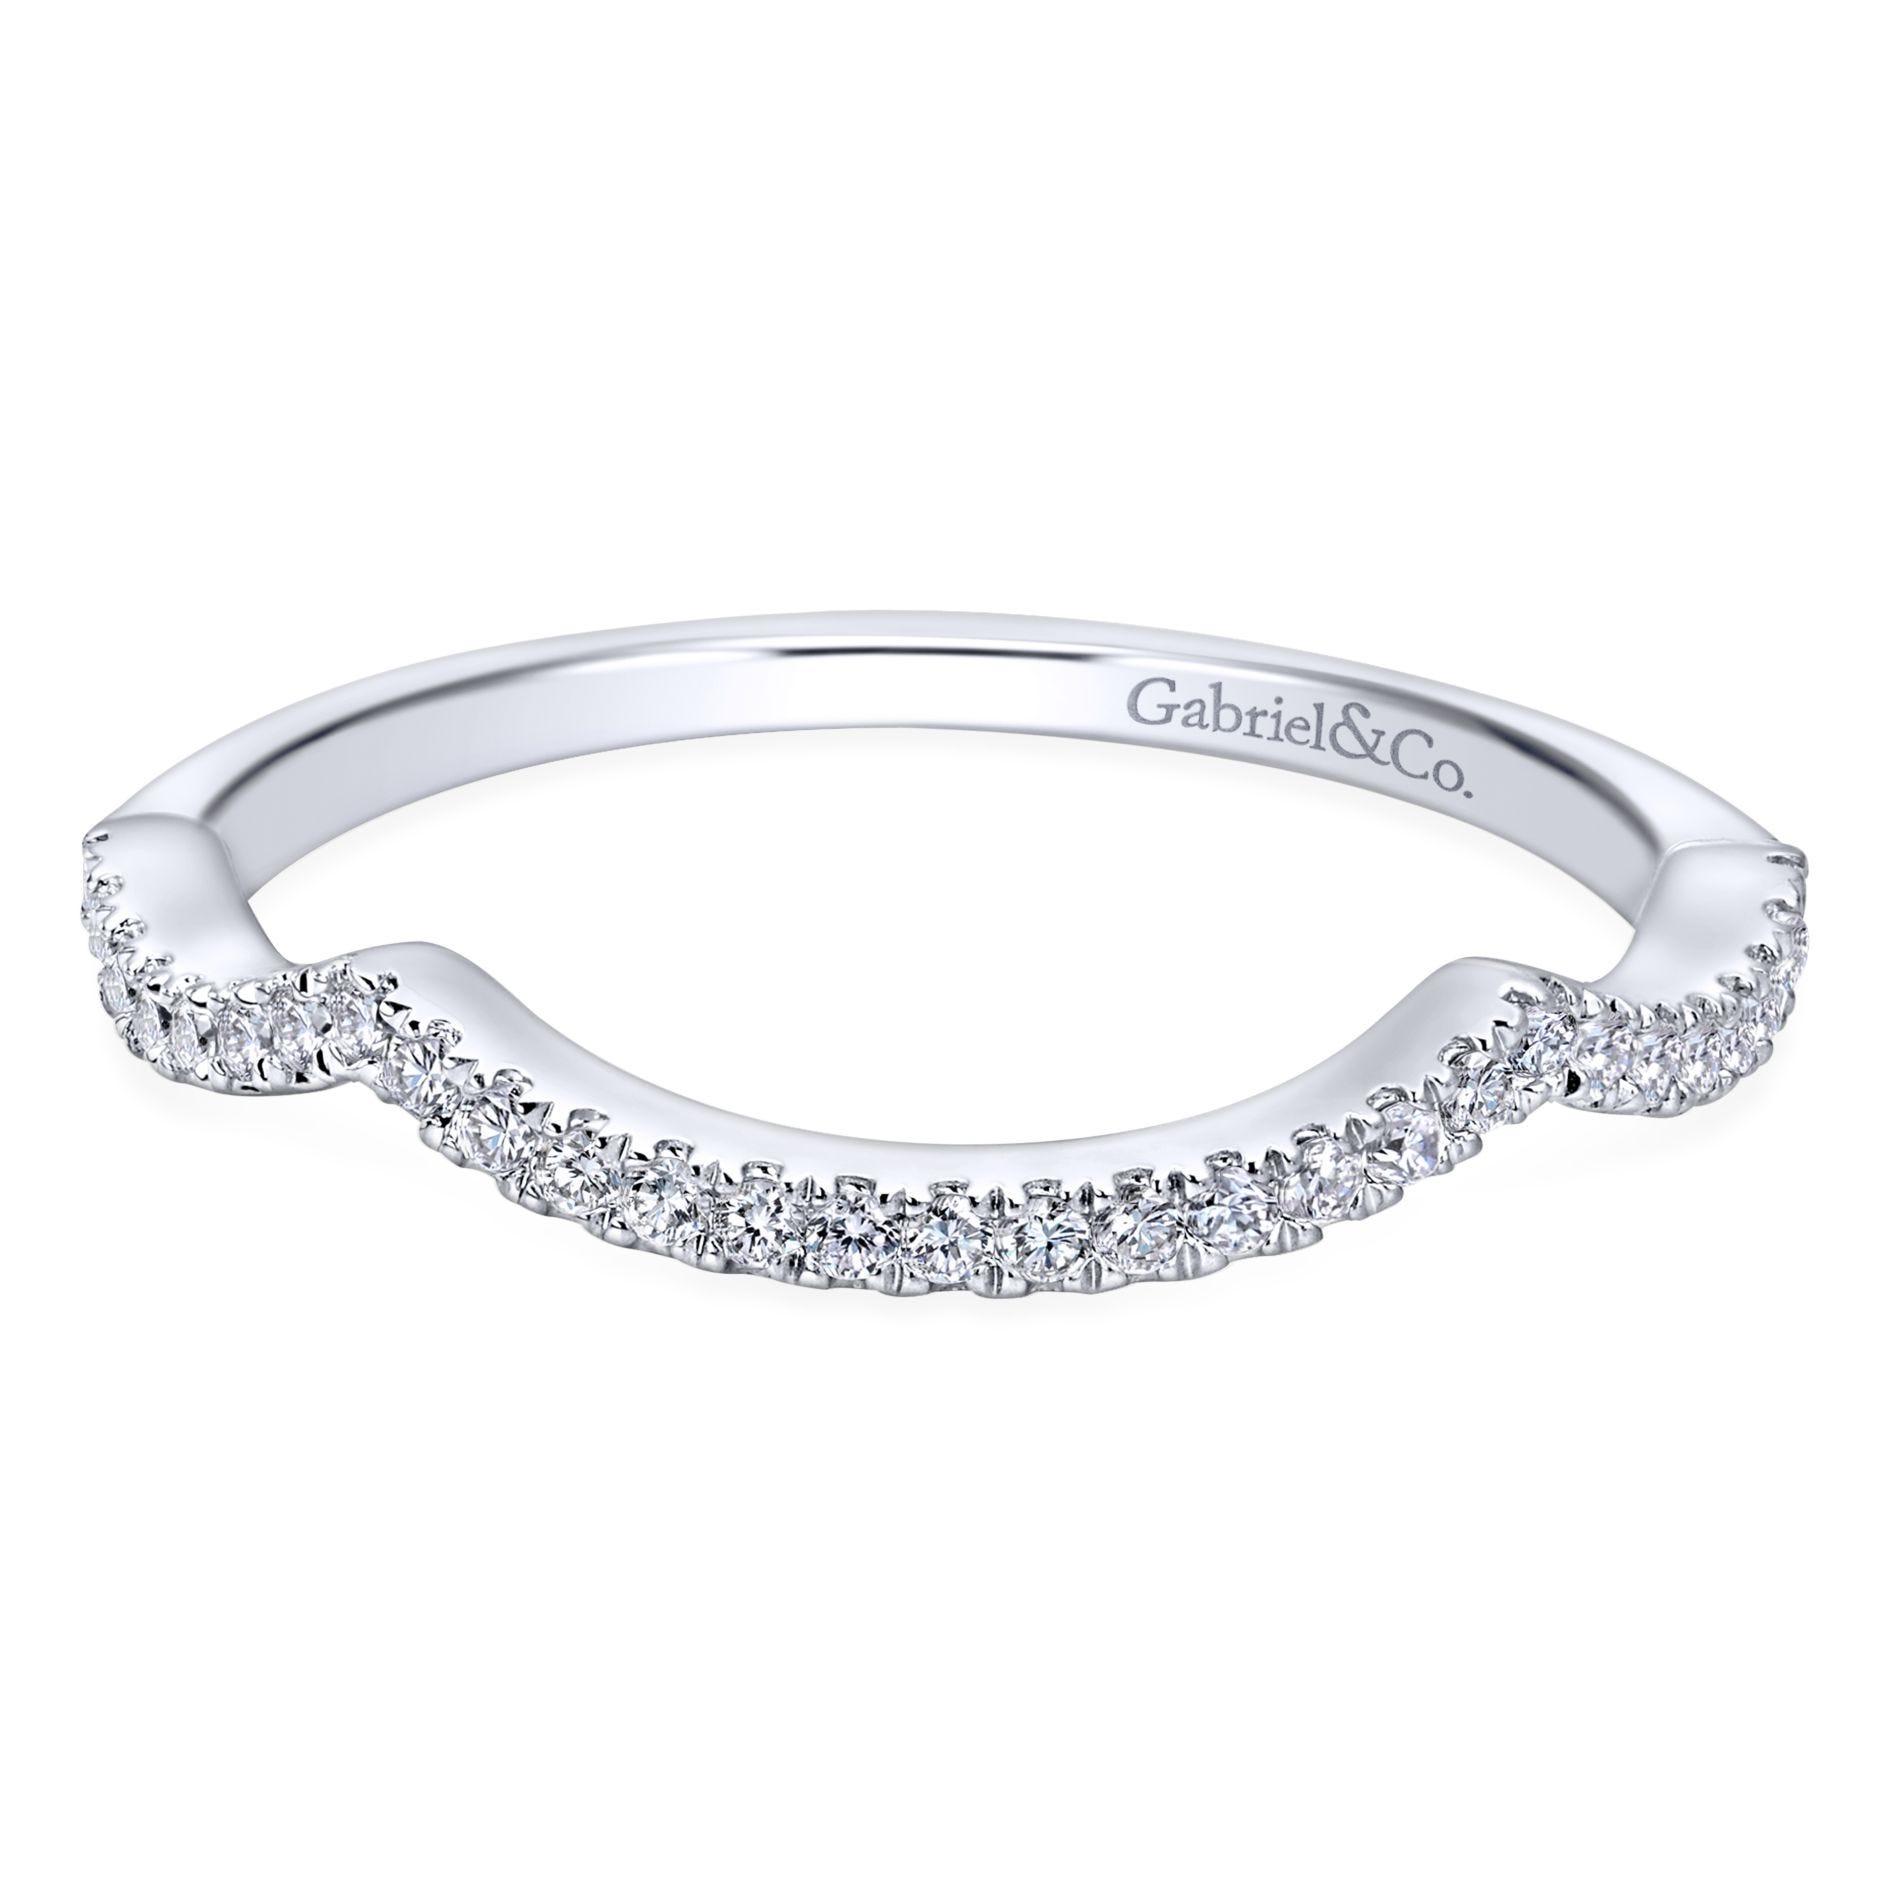 Gabriel & Co. Diamond Wedding Band in 14k White Gold WB7543W44JJ